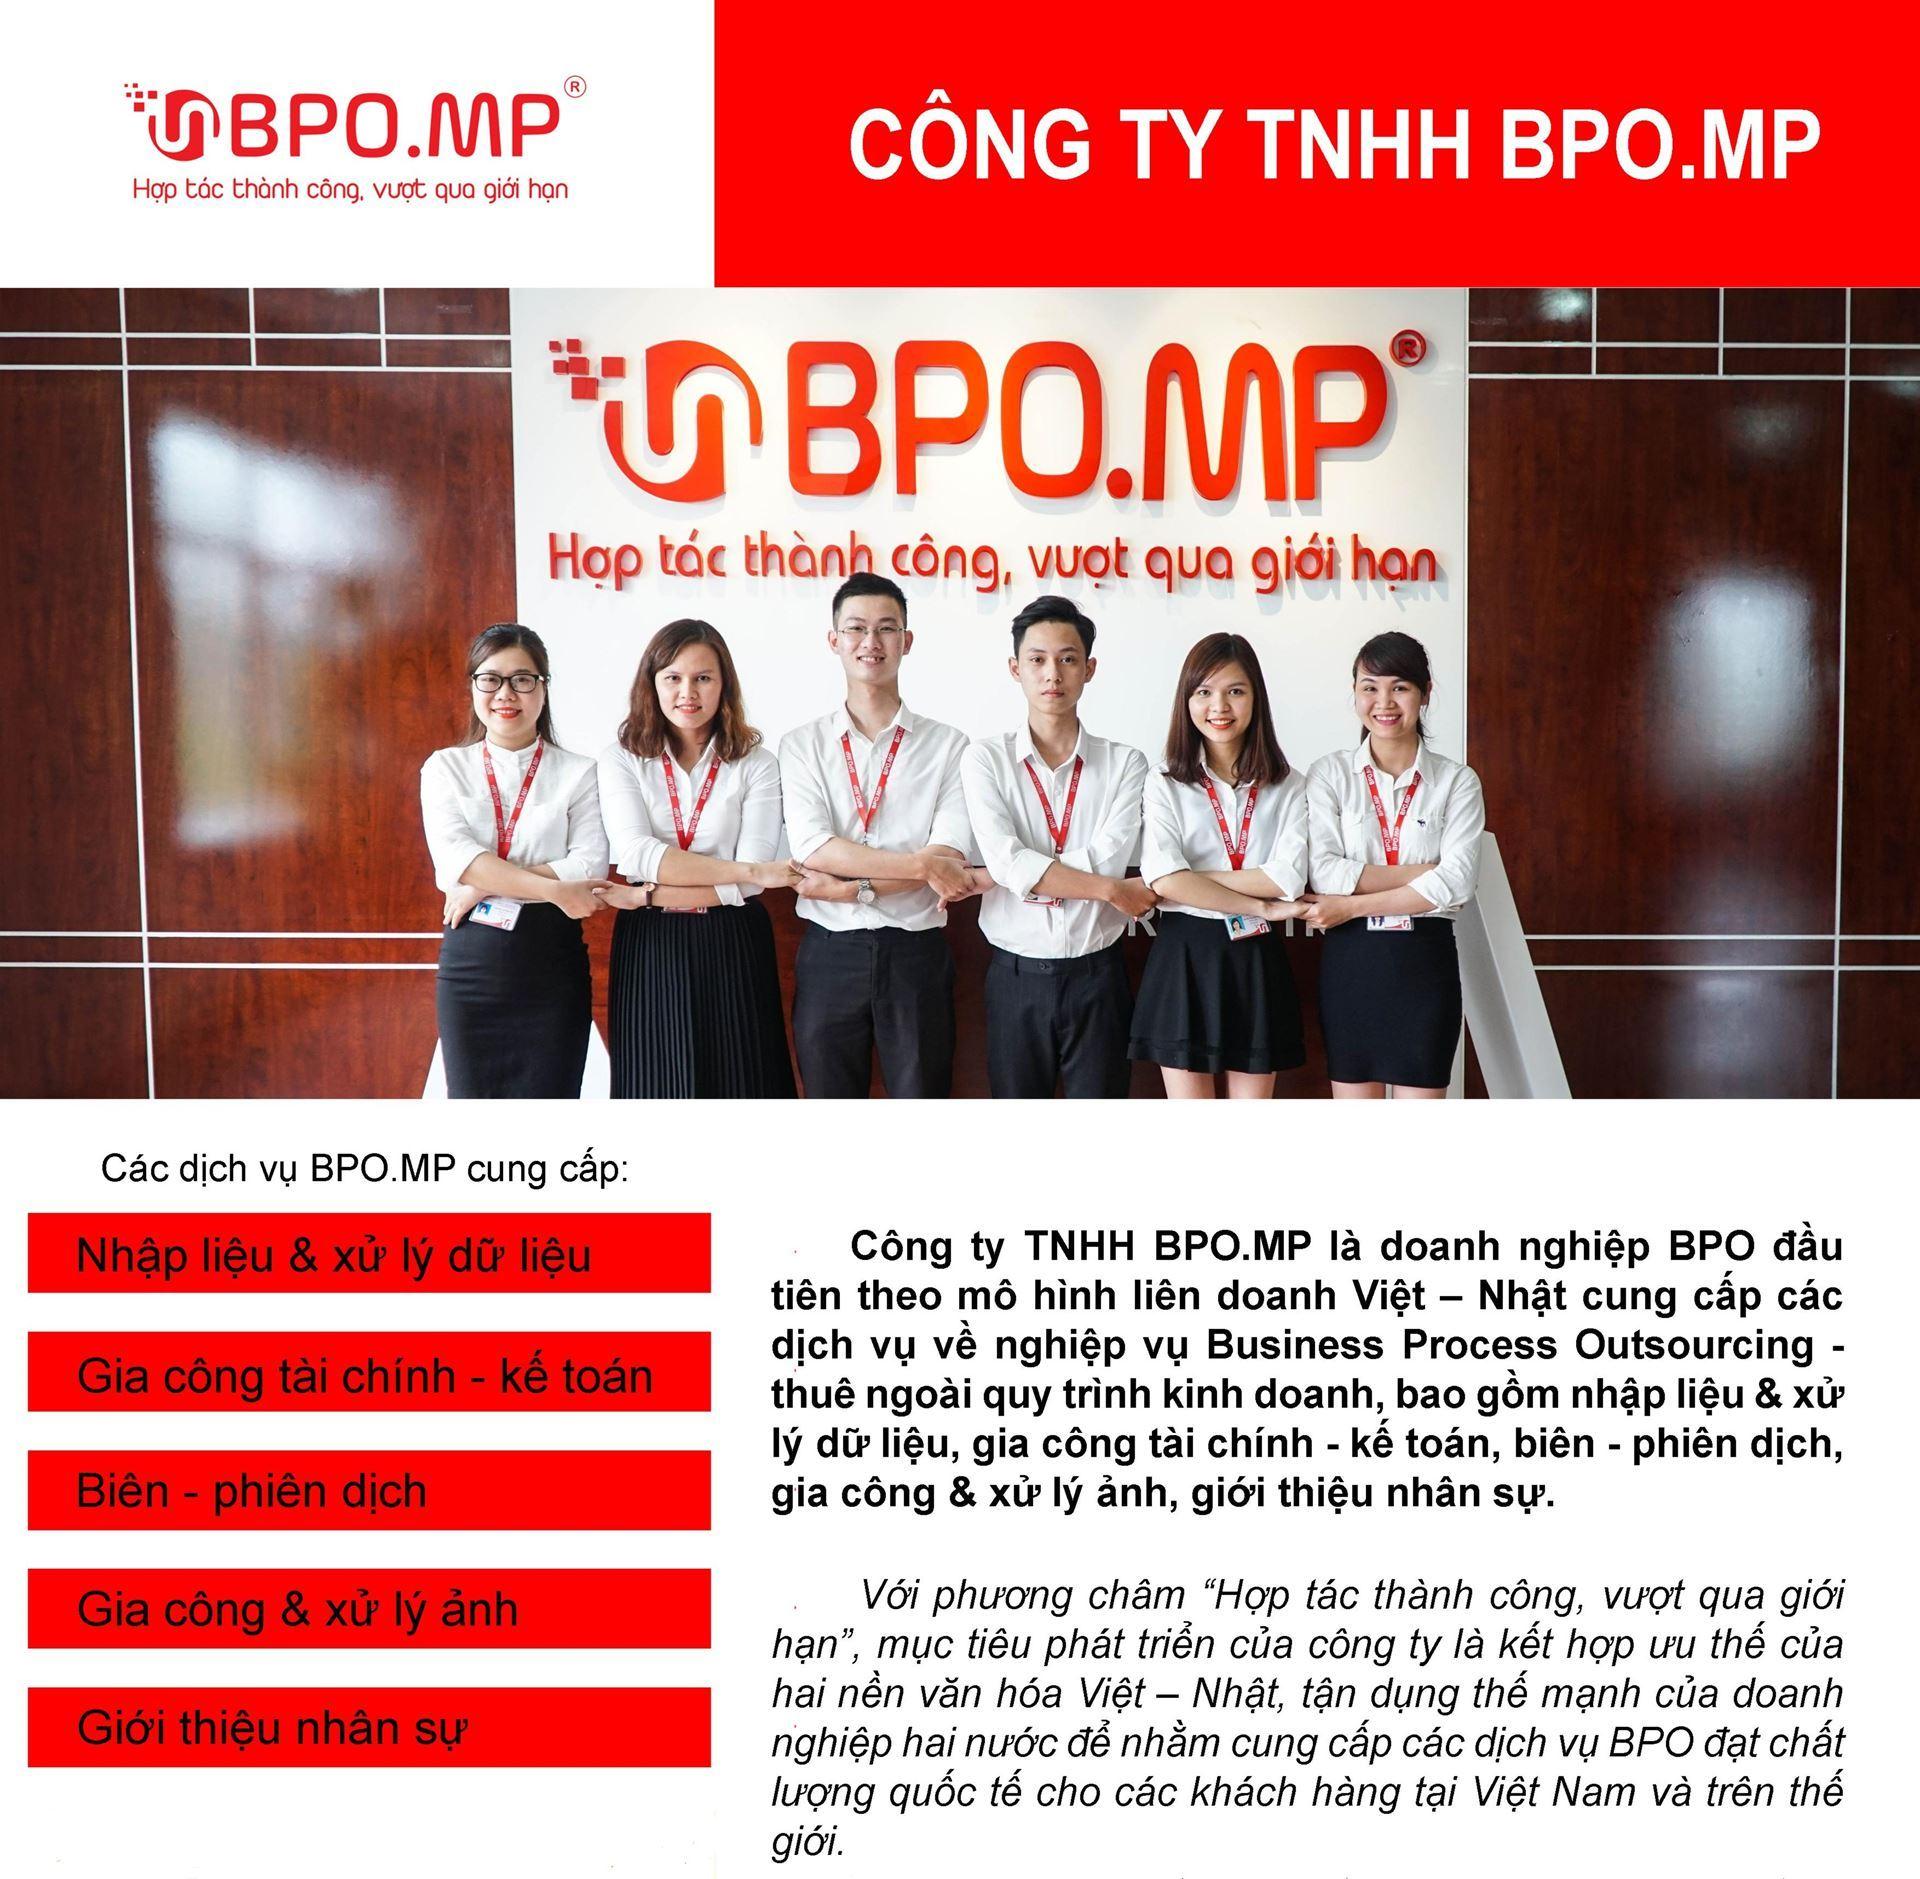 BPO.MP Đăng Tin Trên Tập San Hội Doanh Nhân Trẻ TP. Đà Nẵng